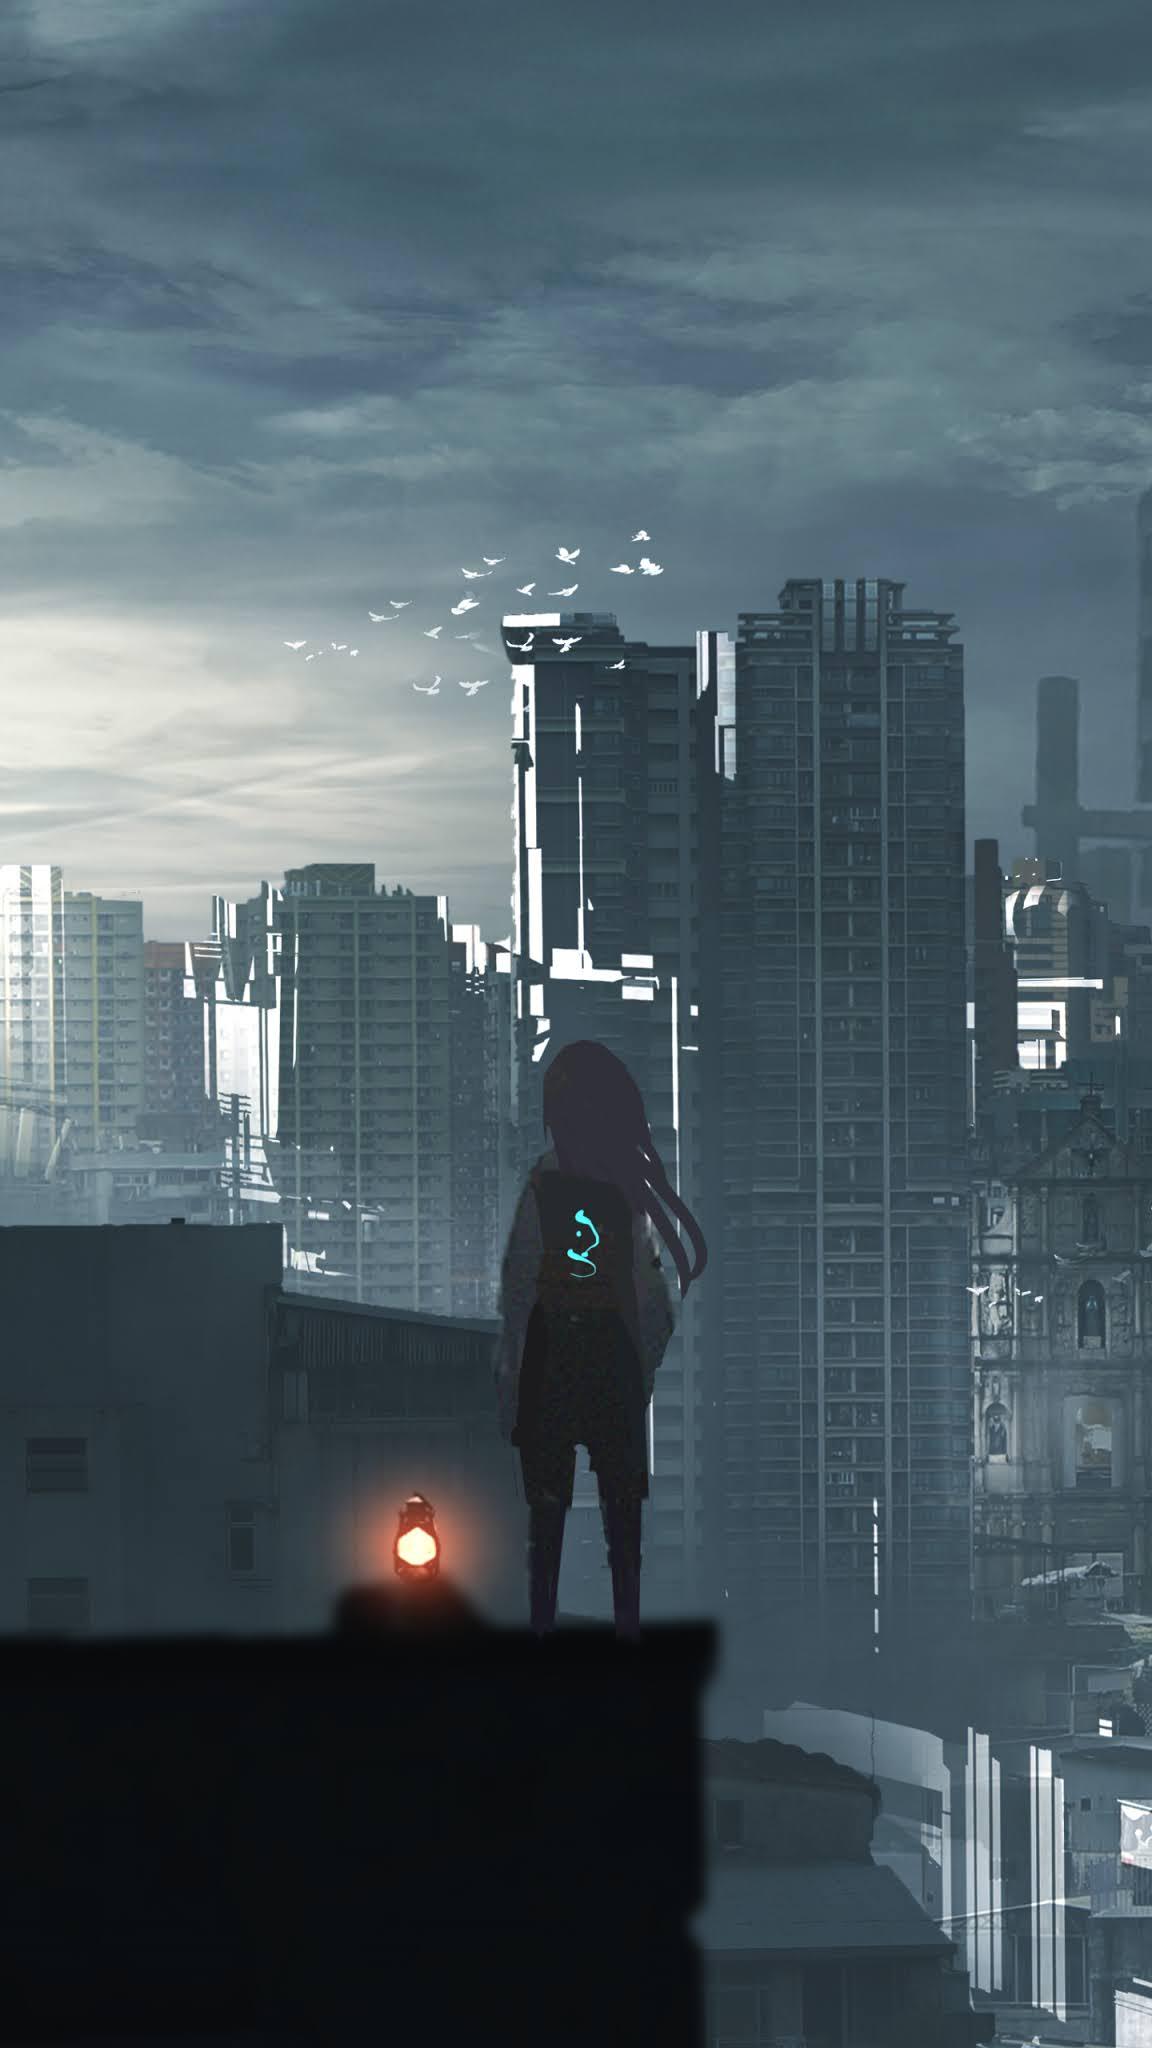 Anime artwork mobile wallpaper